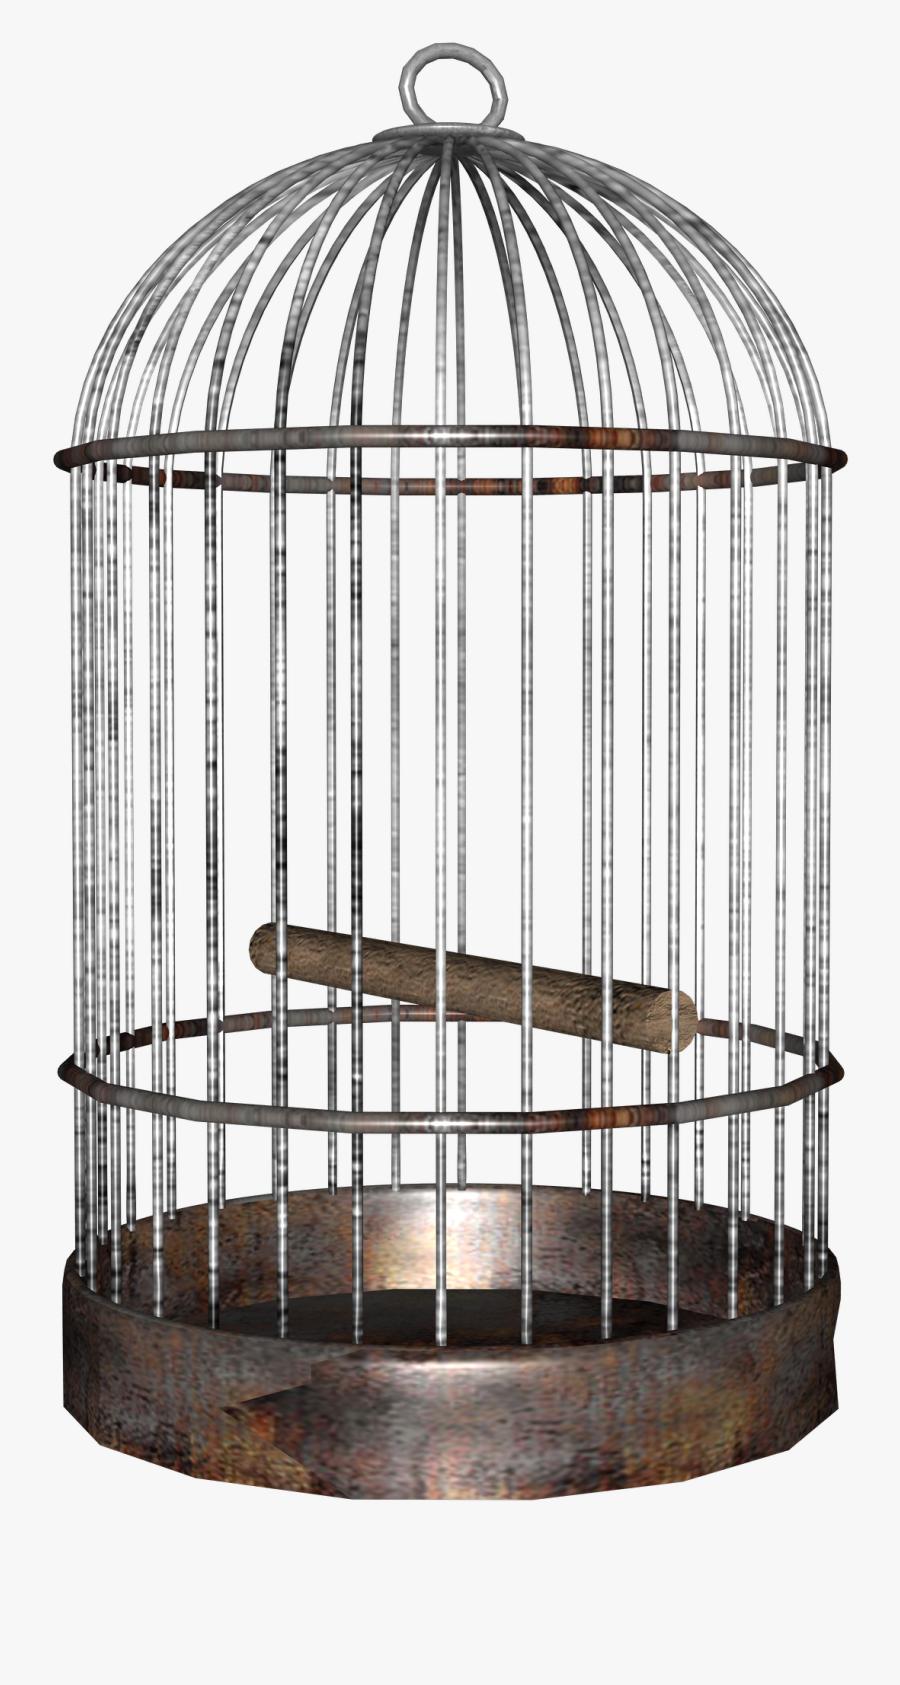 Cage - Clipart - Birdcage Png, Transparent Clipart